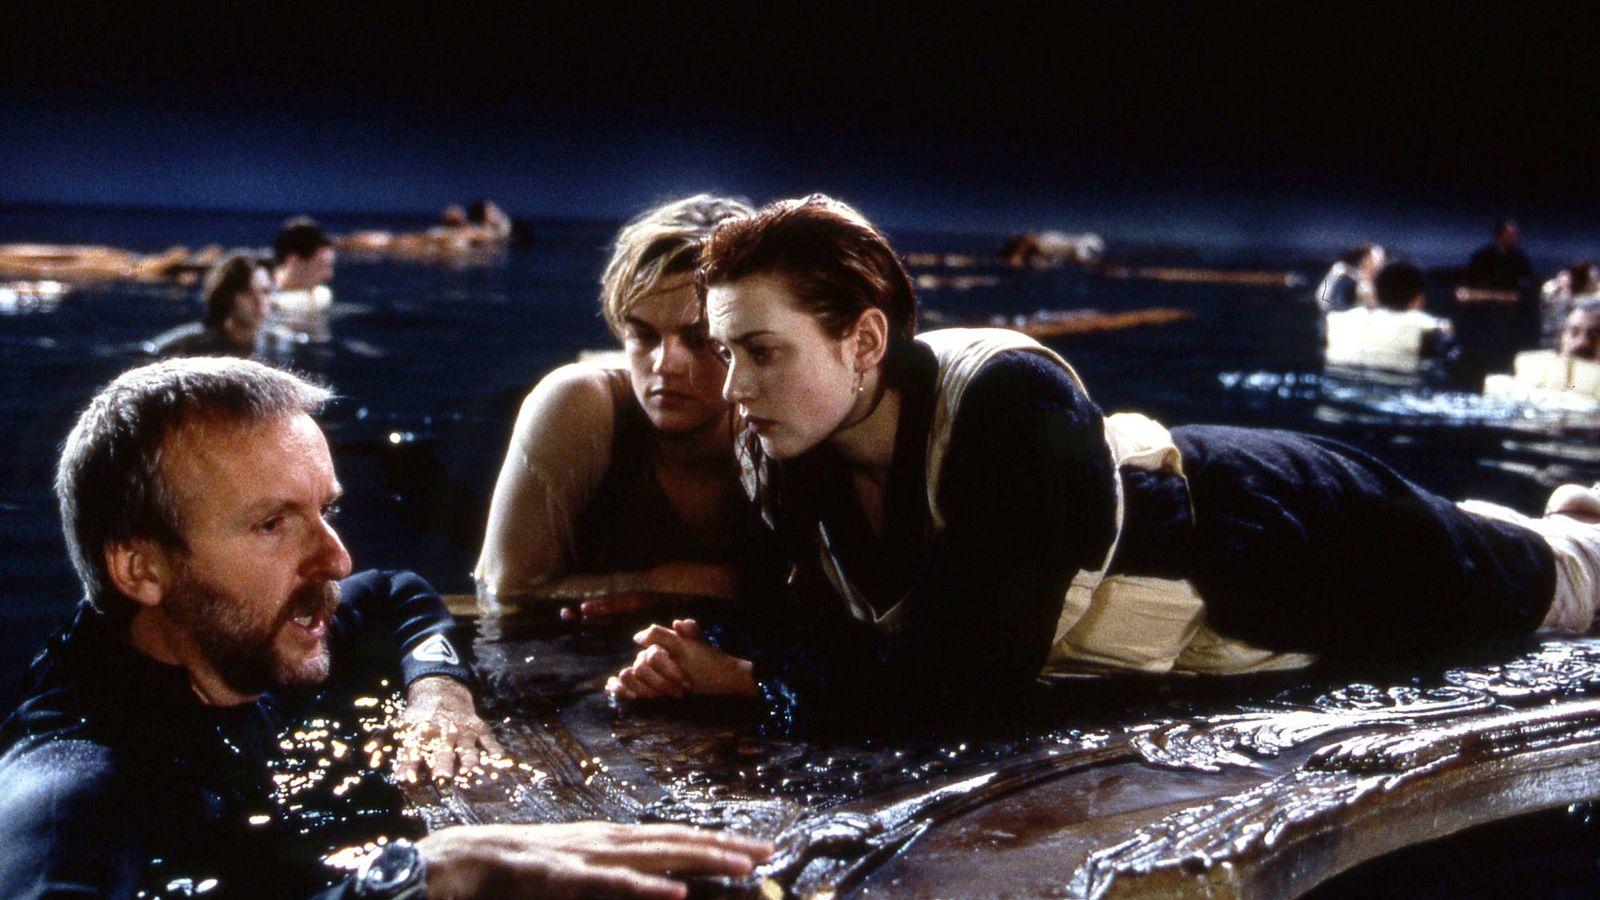 Foto: James Cameron, Leonardo DiCaprio y Kate Winslet en un momento del rodaje. (Merie W. Wallace/Paramount)